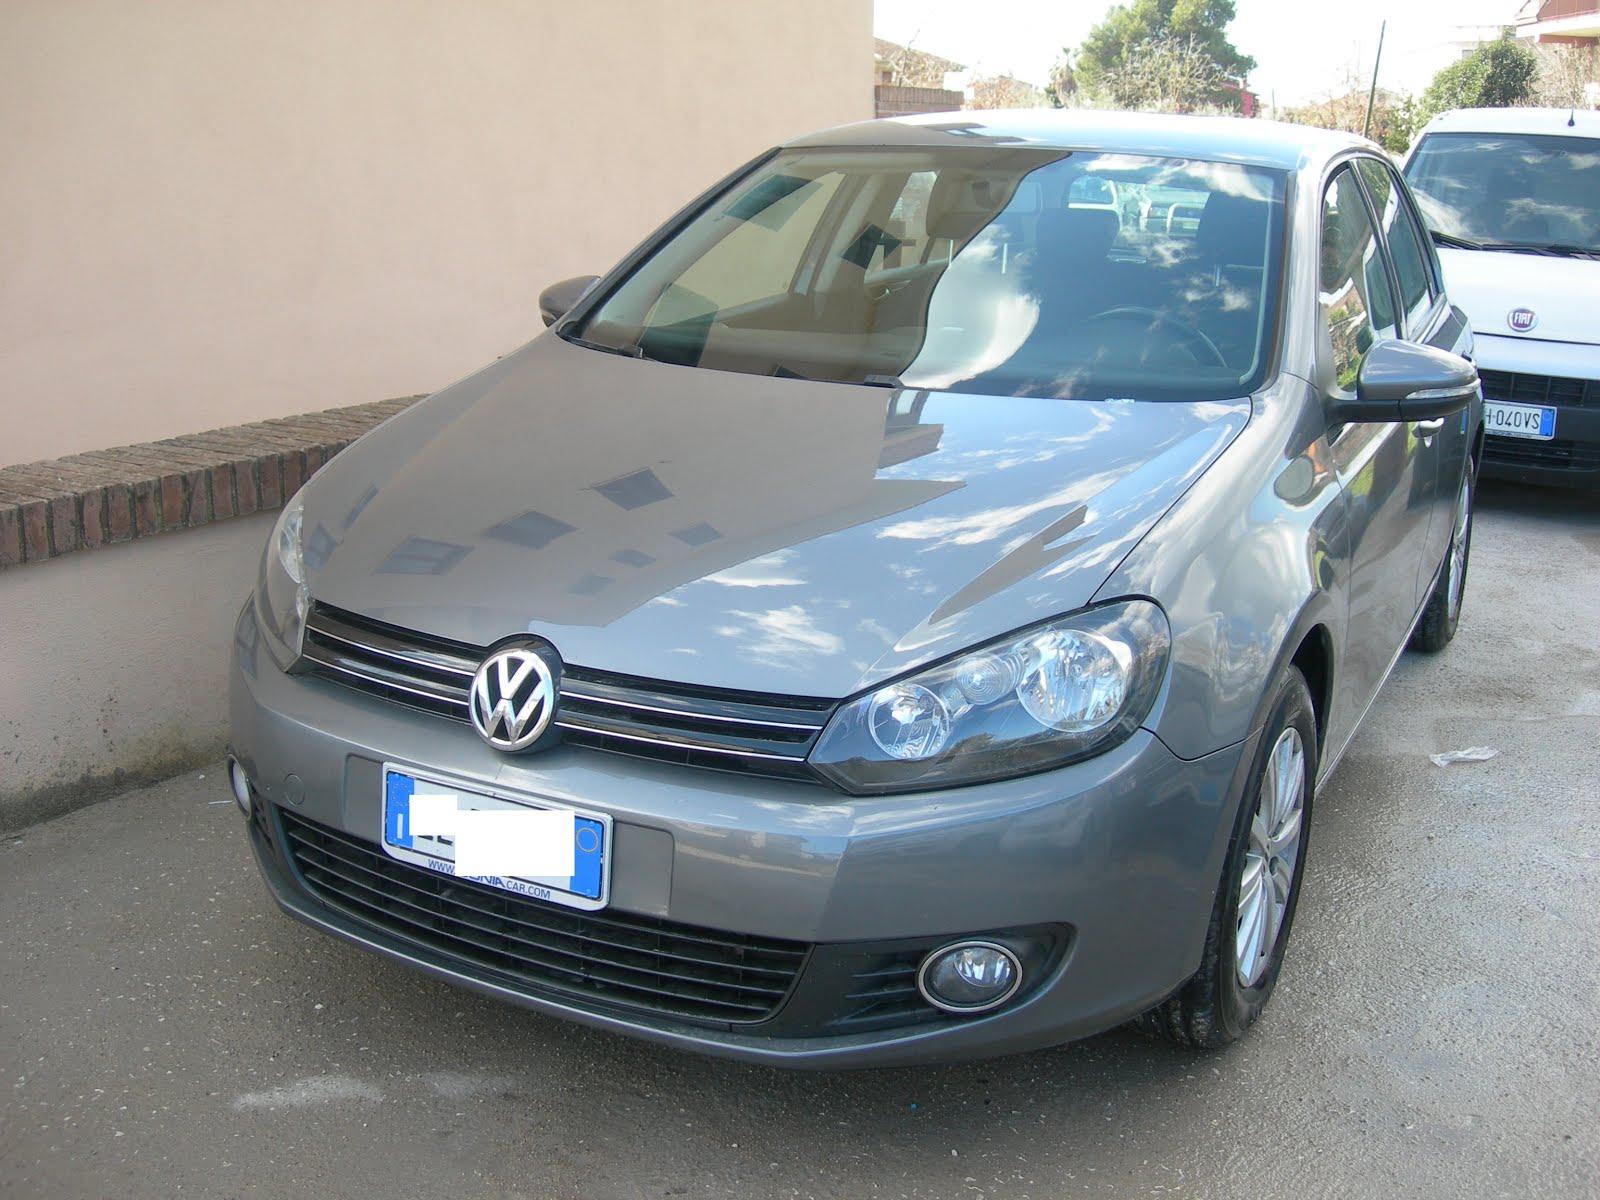 VW GOLF 6 1.6 TDI 105 CV CONFORTLINE ANNO 2011 80.000 KM ACCESSORIATA